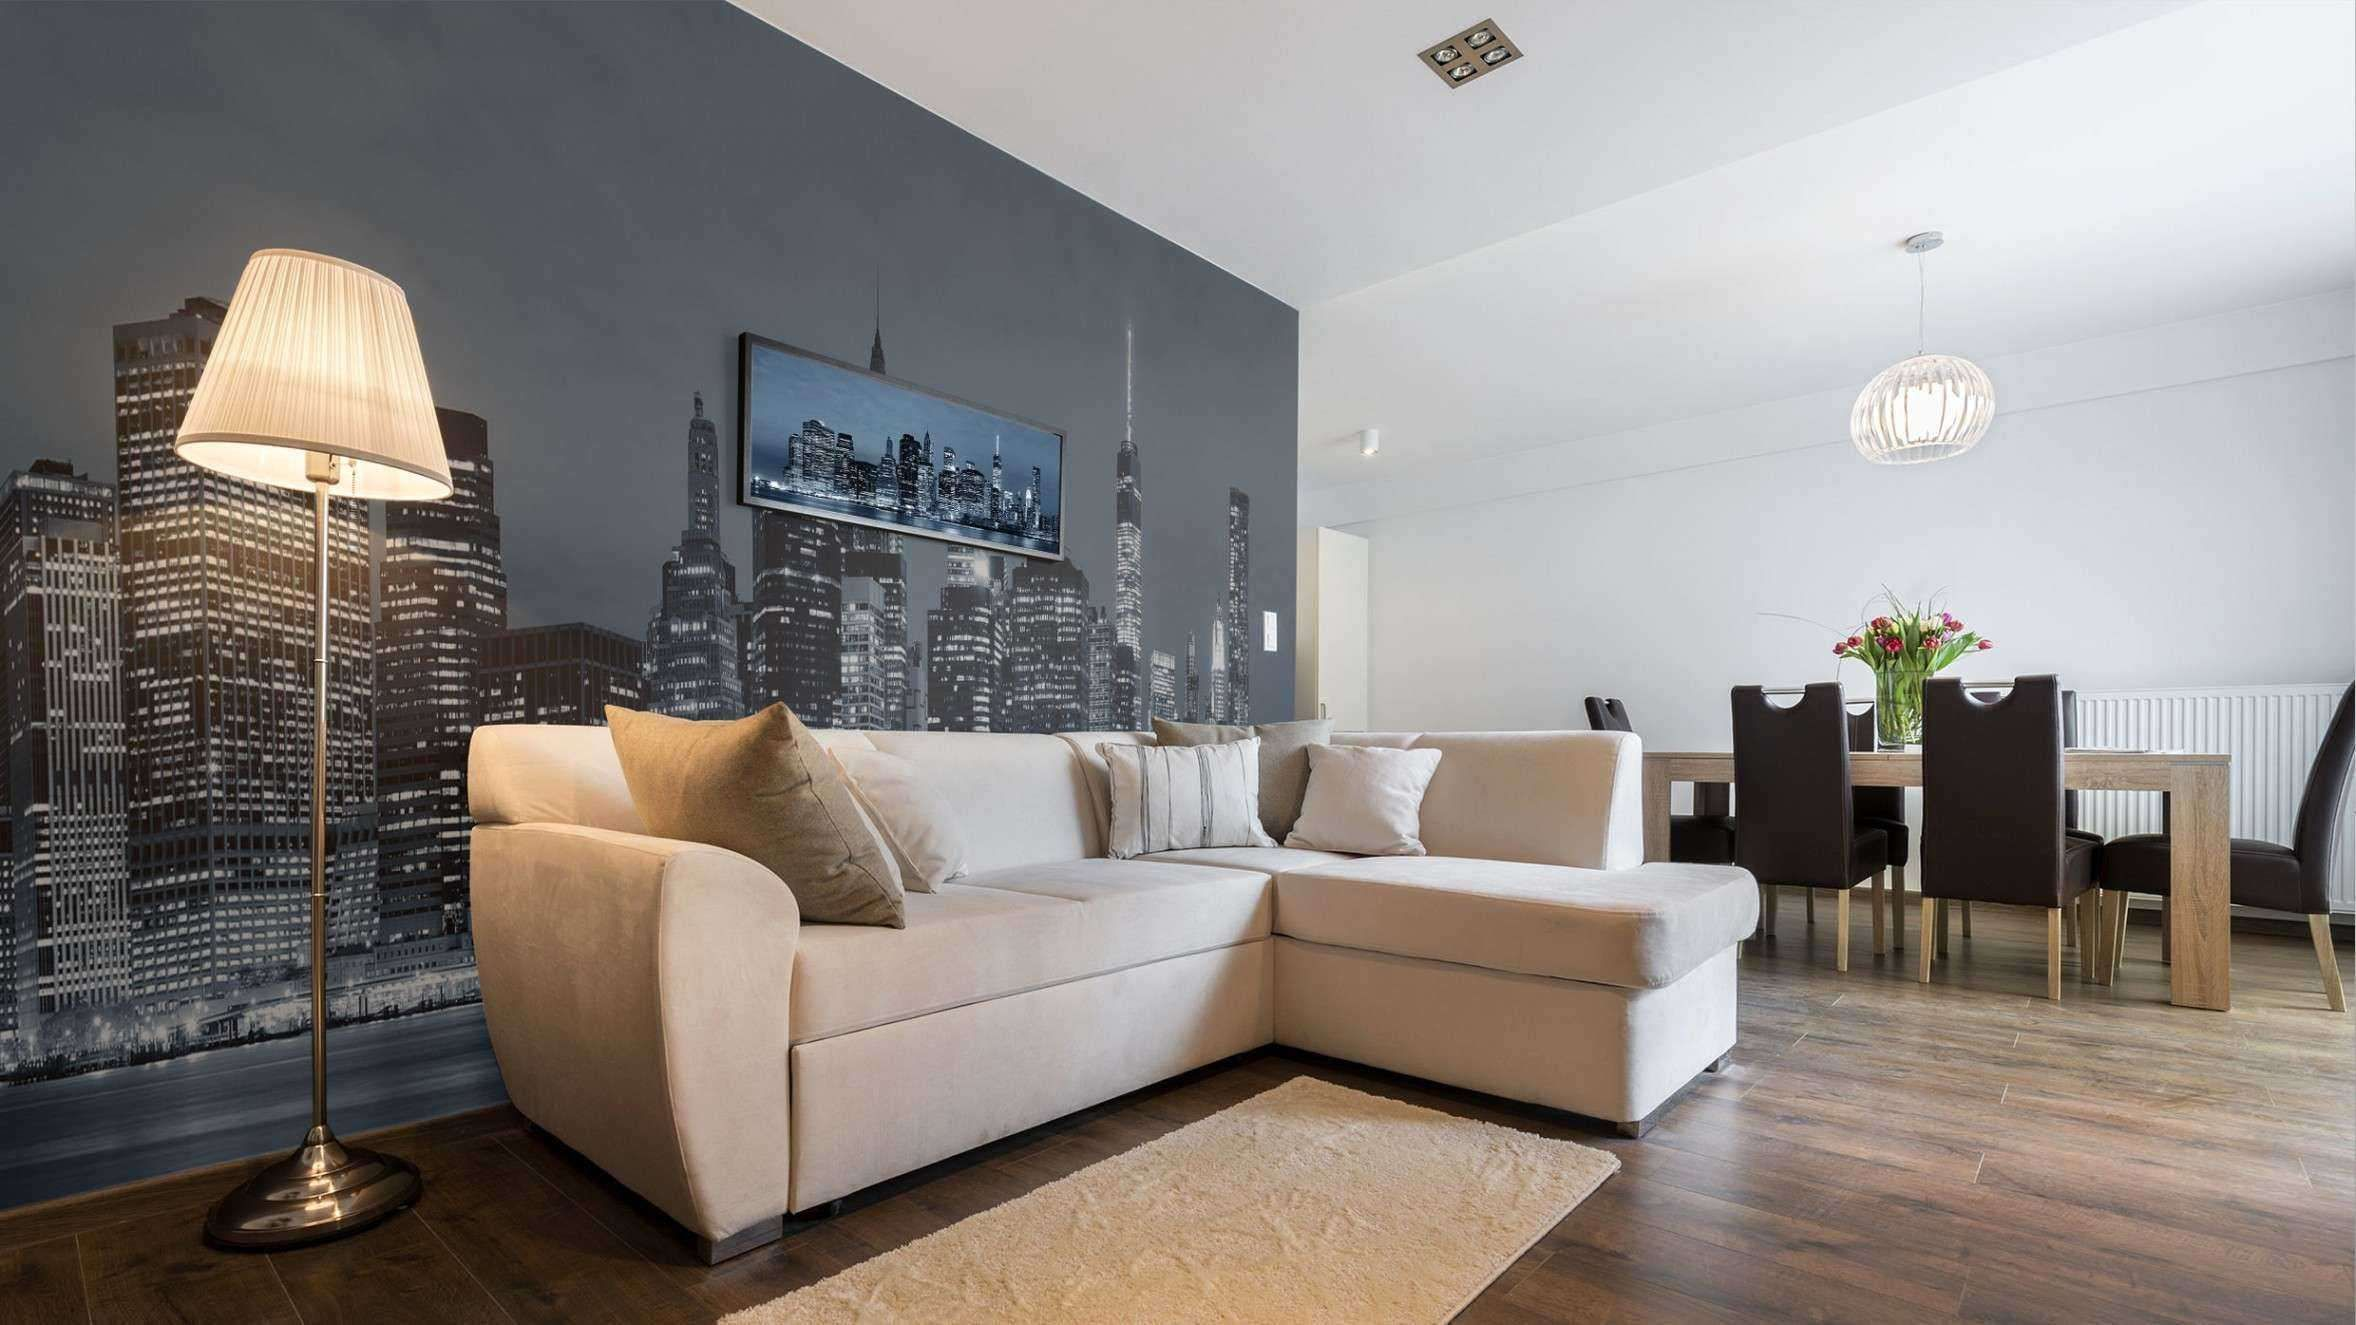 Einzigartig #Ideen #Wandgestaltung #Wohnzimmer 9 Einzigartig